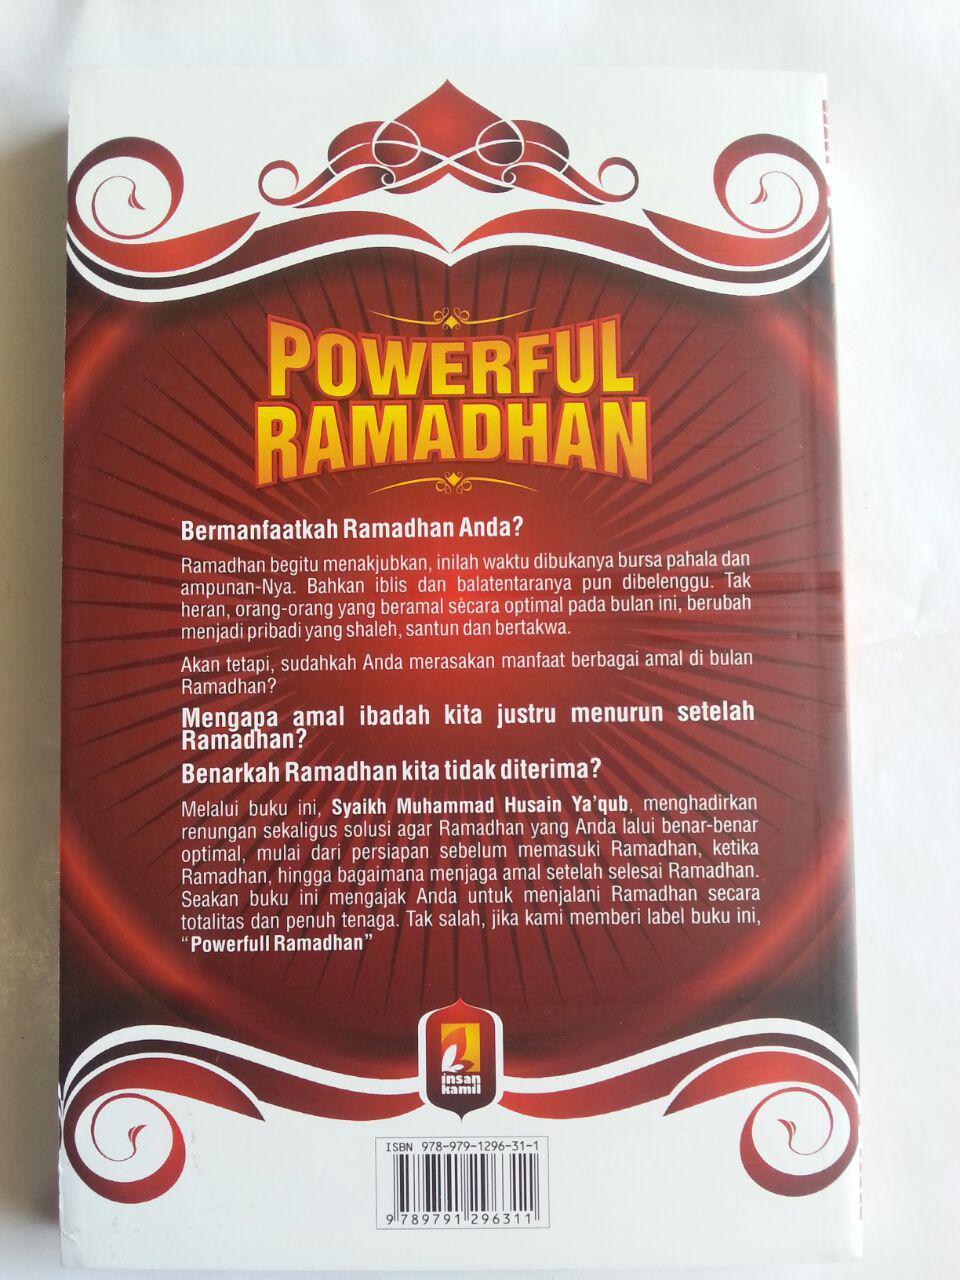 Buku Powerful Ramadhan Mengoptimalkan Amal Ramadhan cover